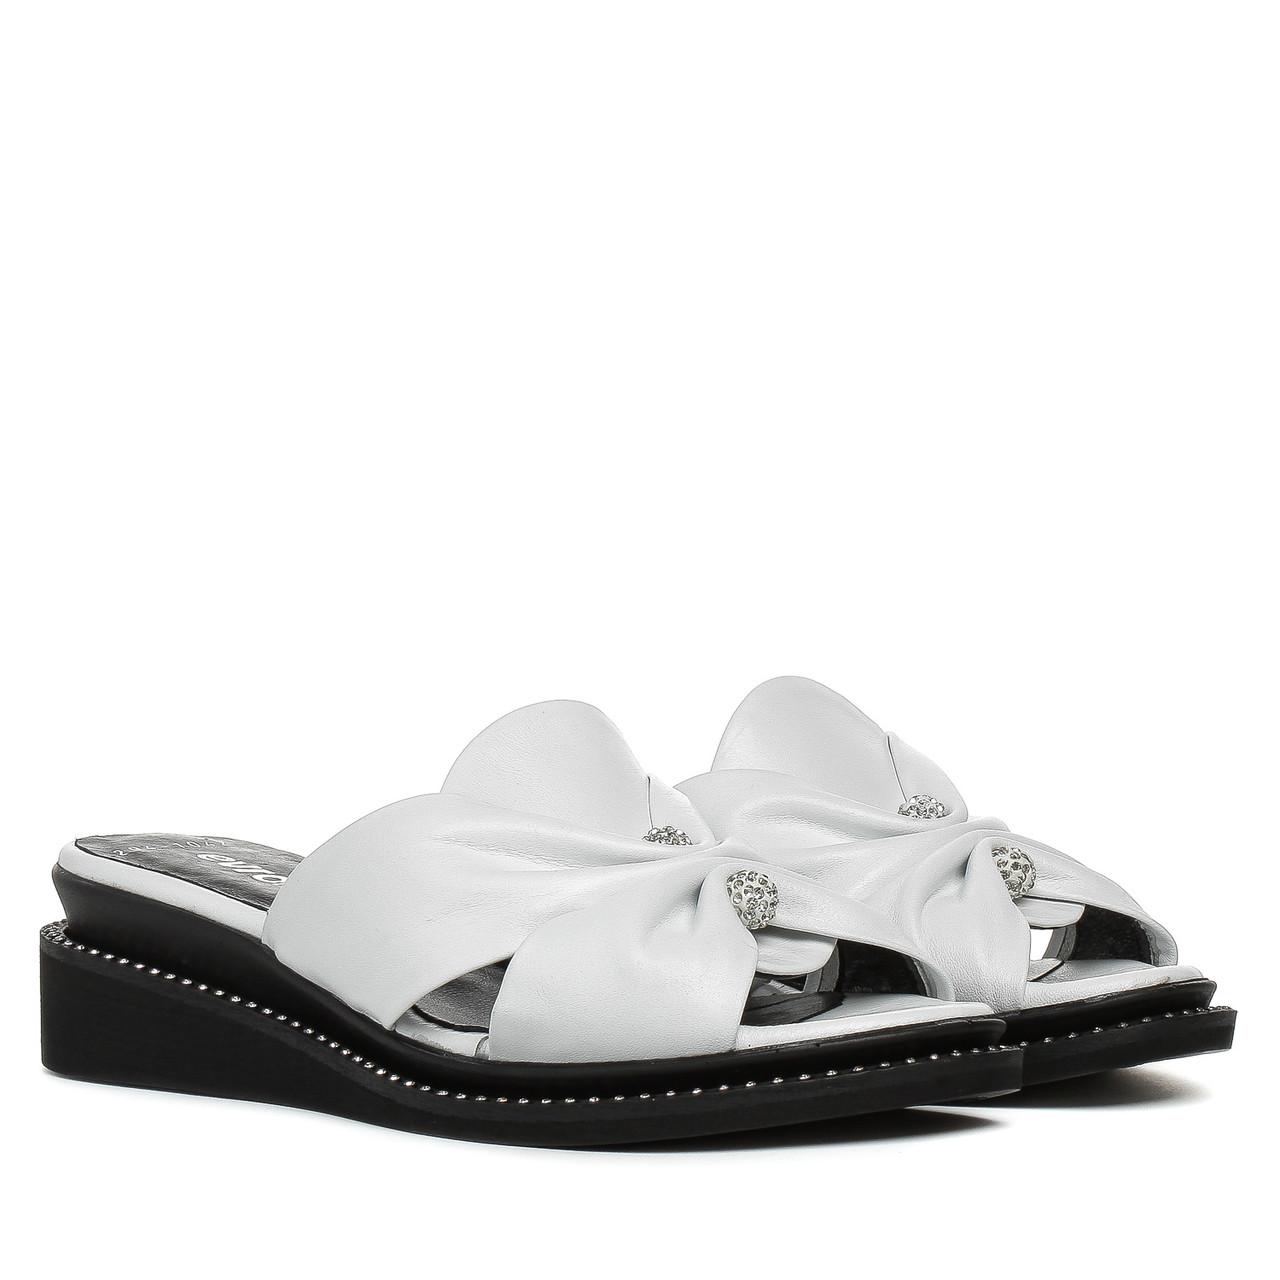 2bb0753a4 Шлепанцы женские EVROMODA (белого цвета, стильные, качественные) 36